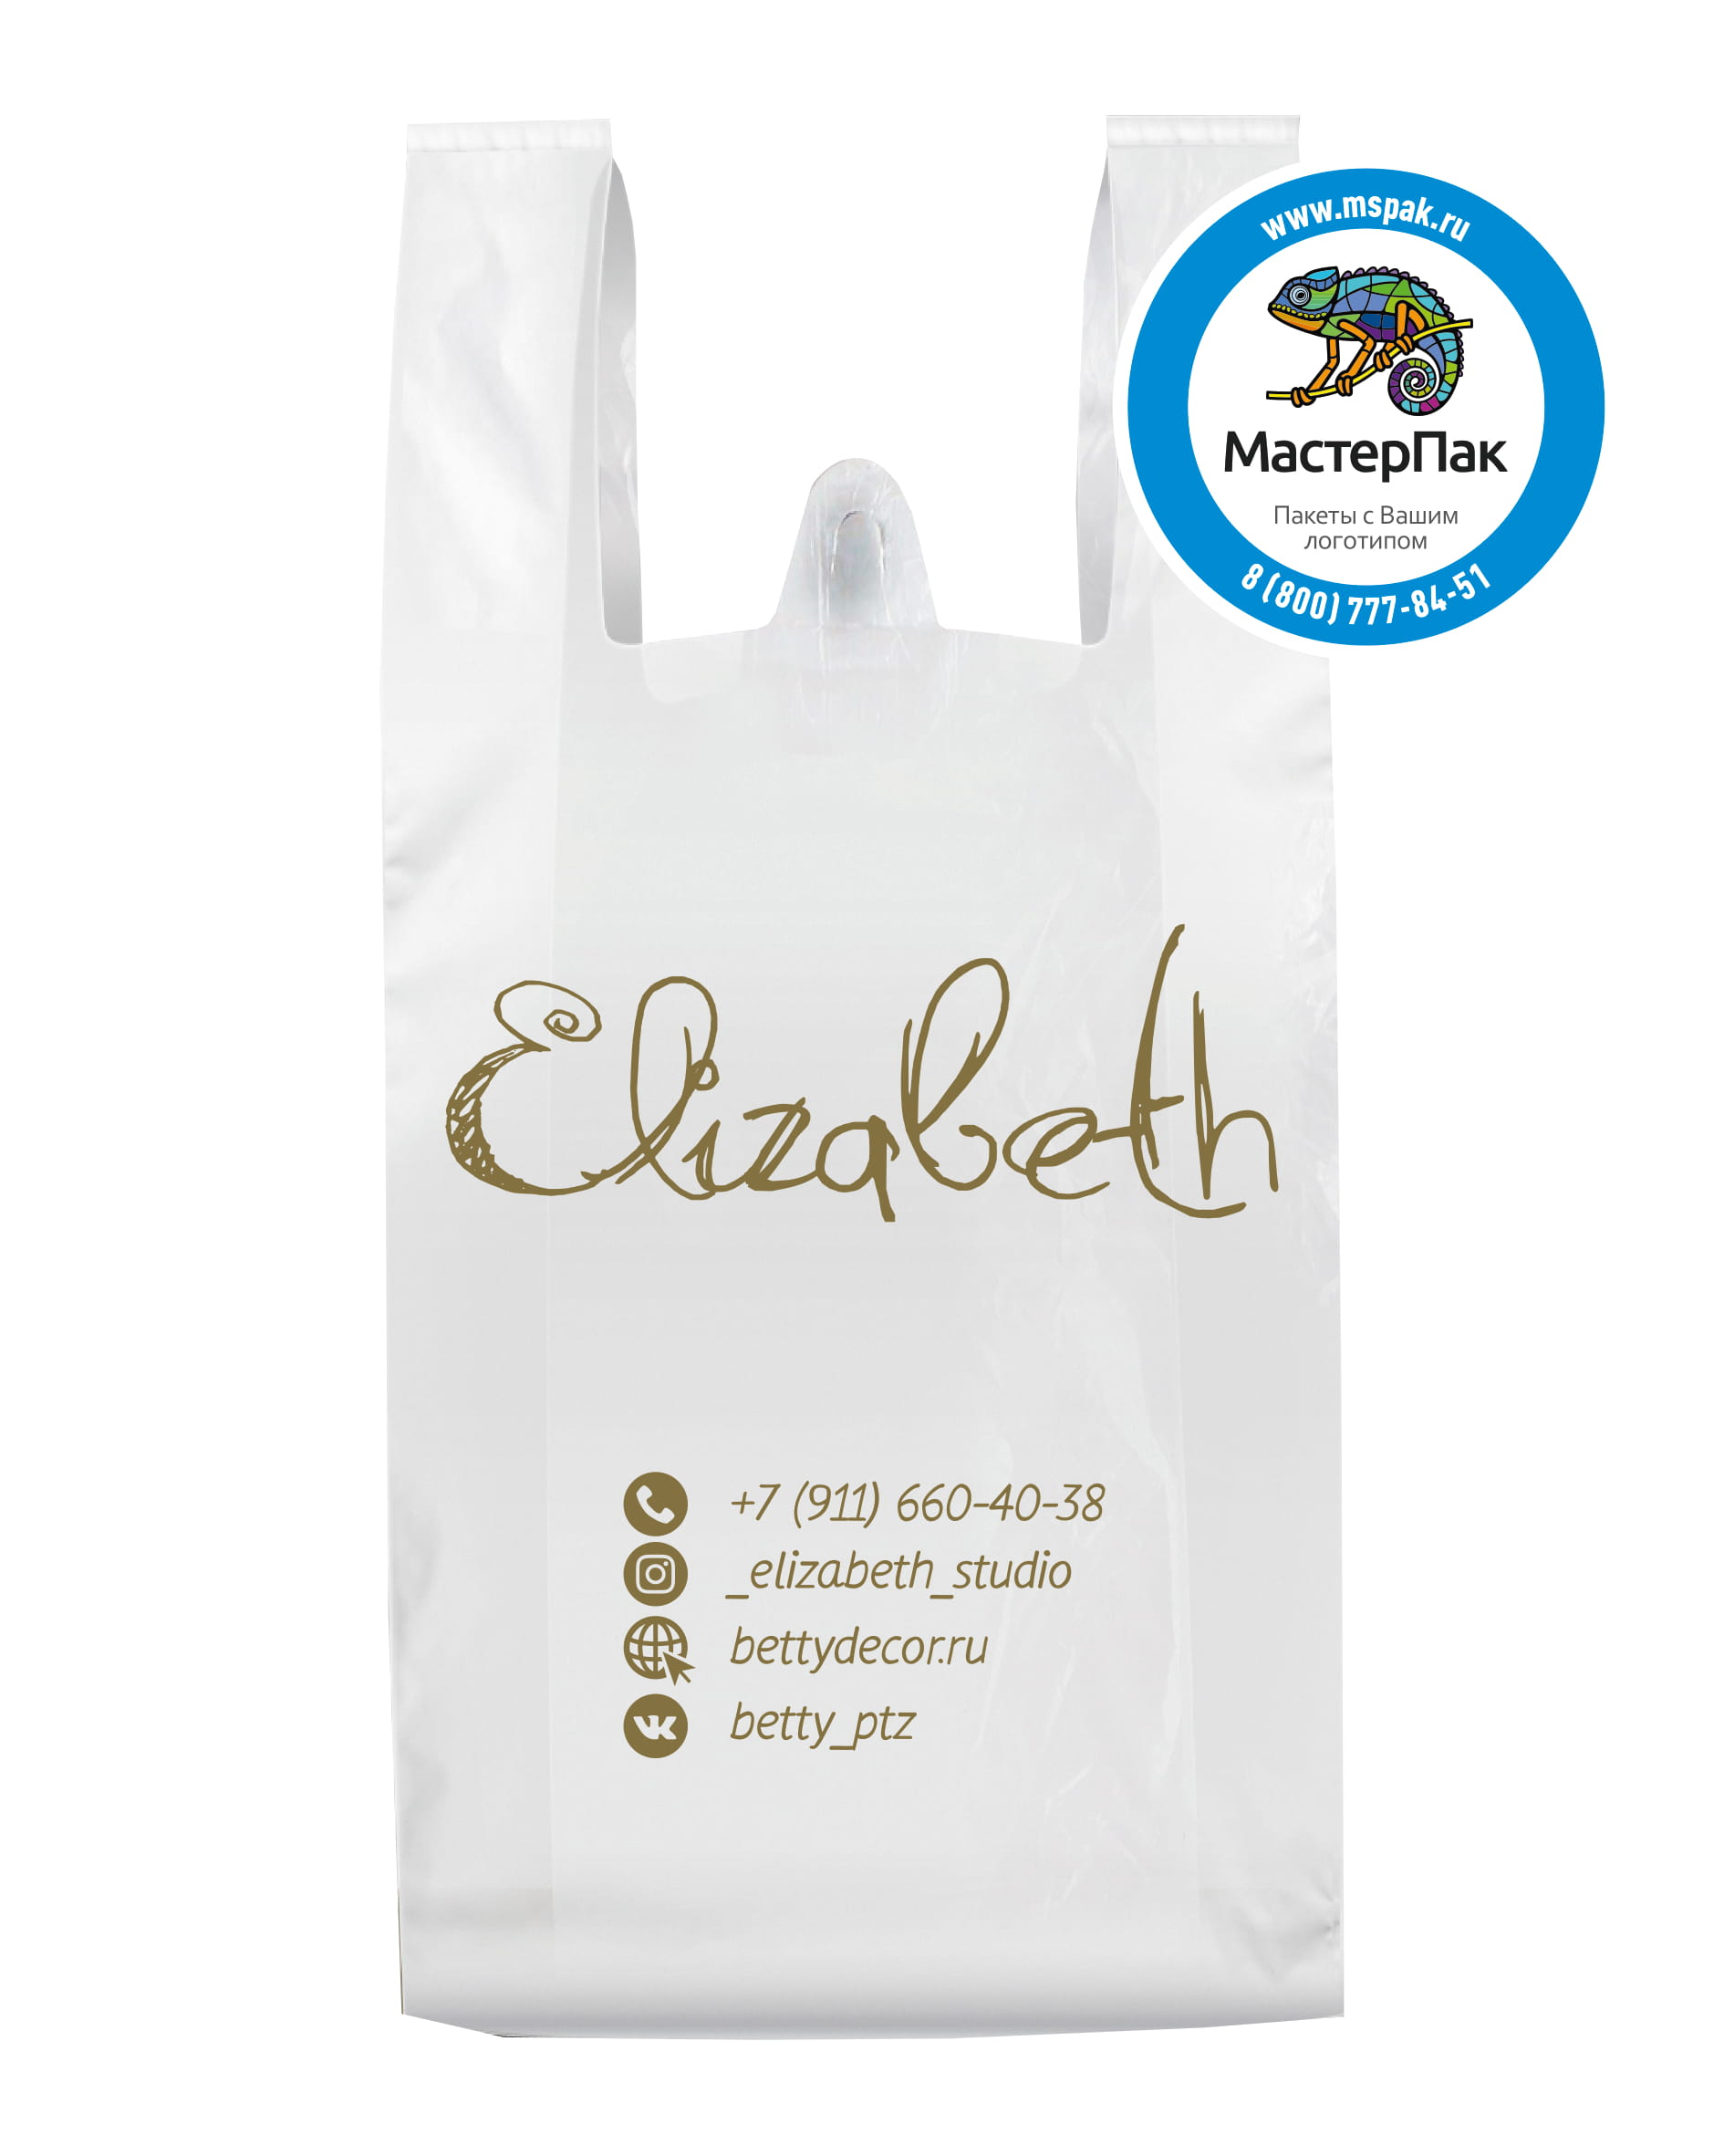 Пакет майка ПВД с логотипом магазина Elizabeth, Петрозаводск